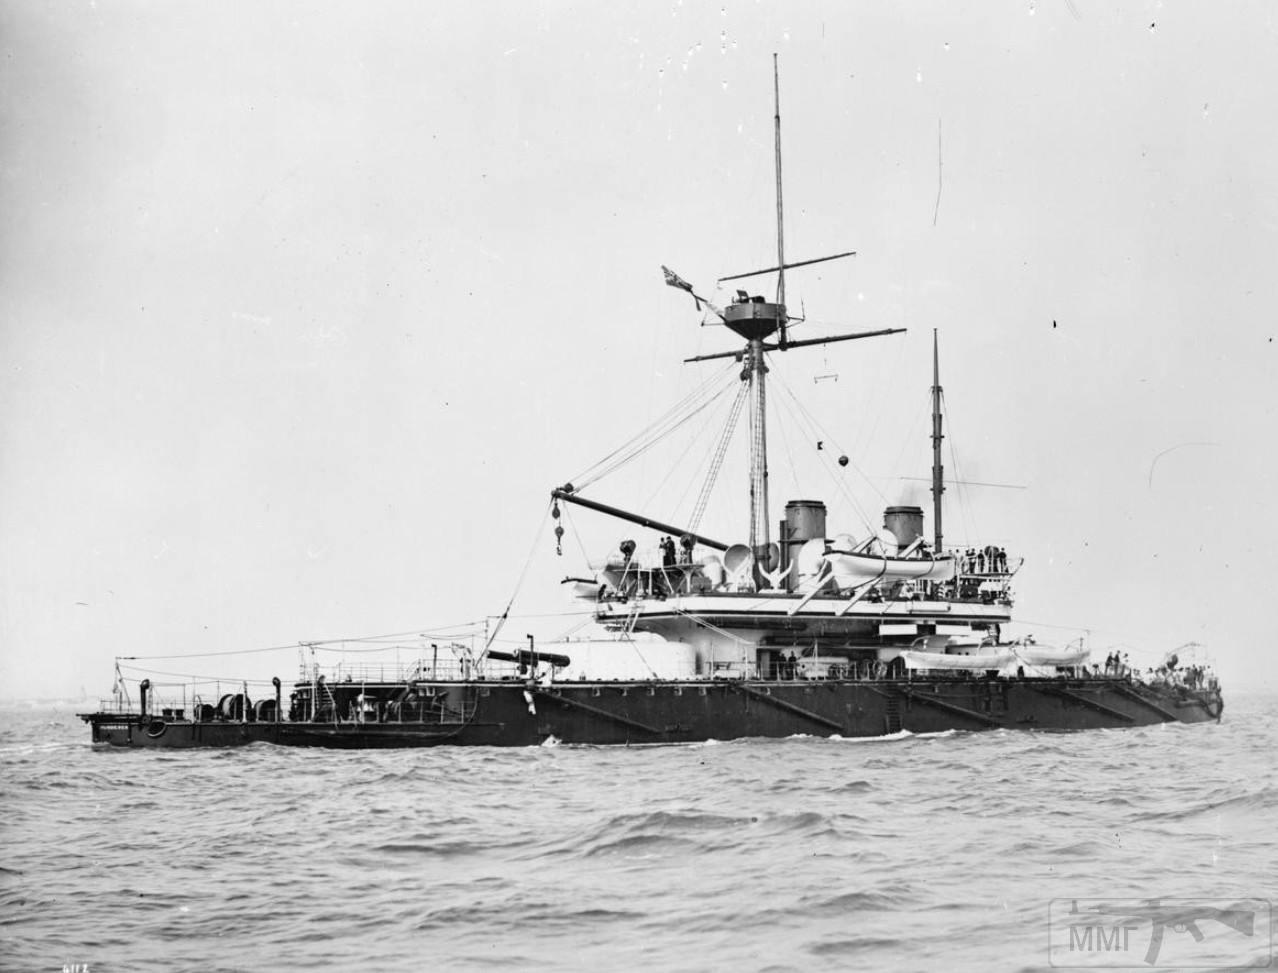 59691 - HMS Thunderer